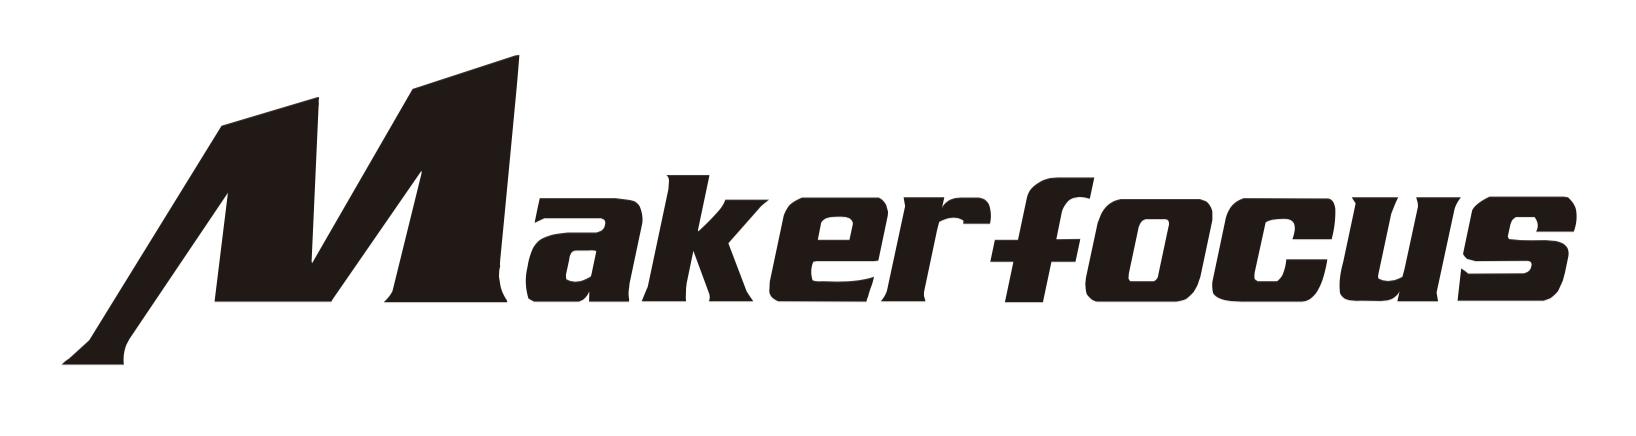 Makerfocus